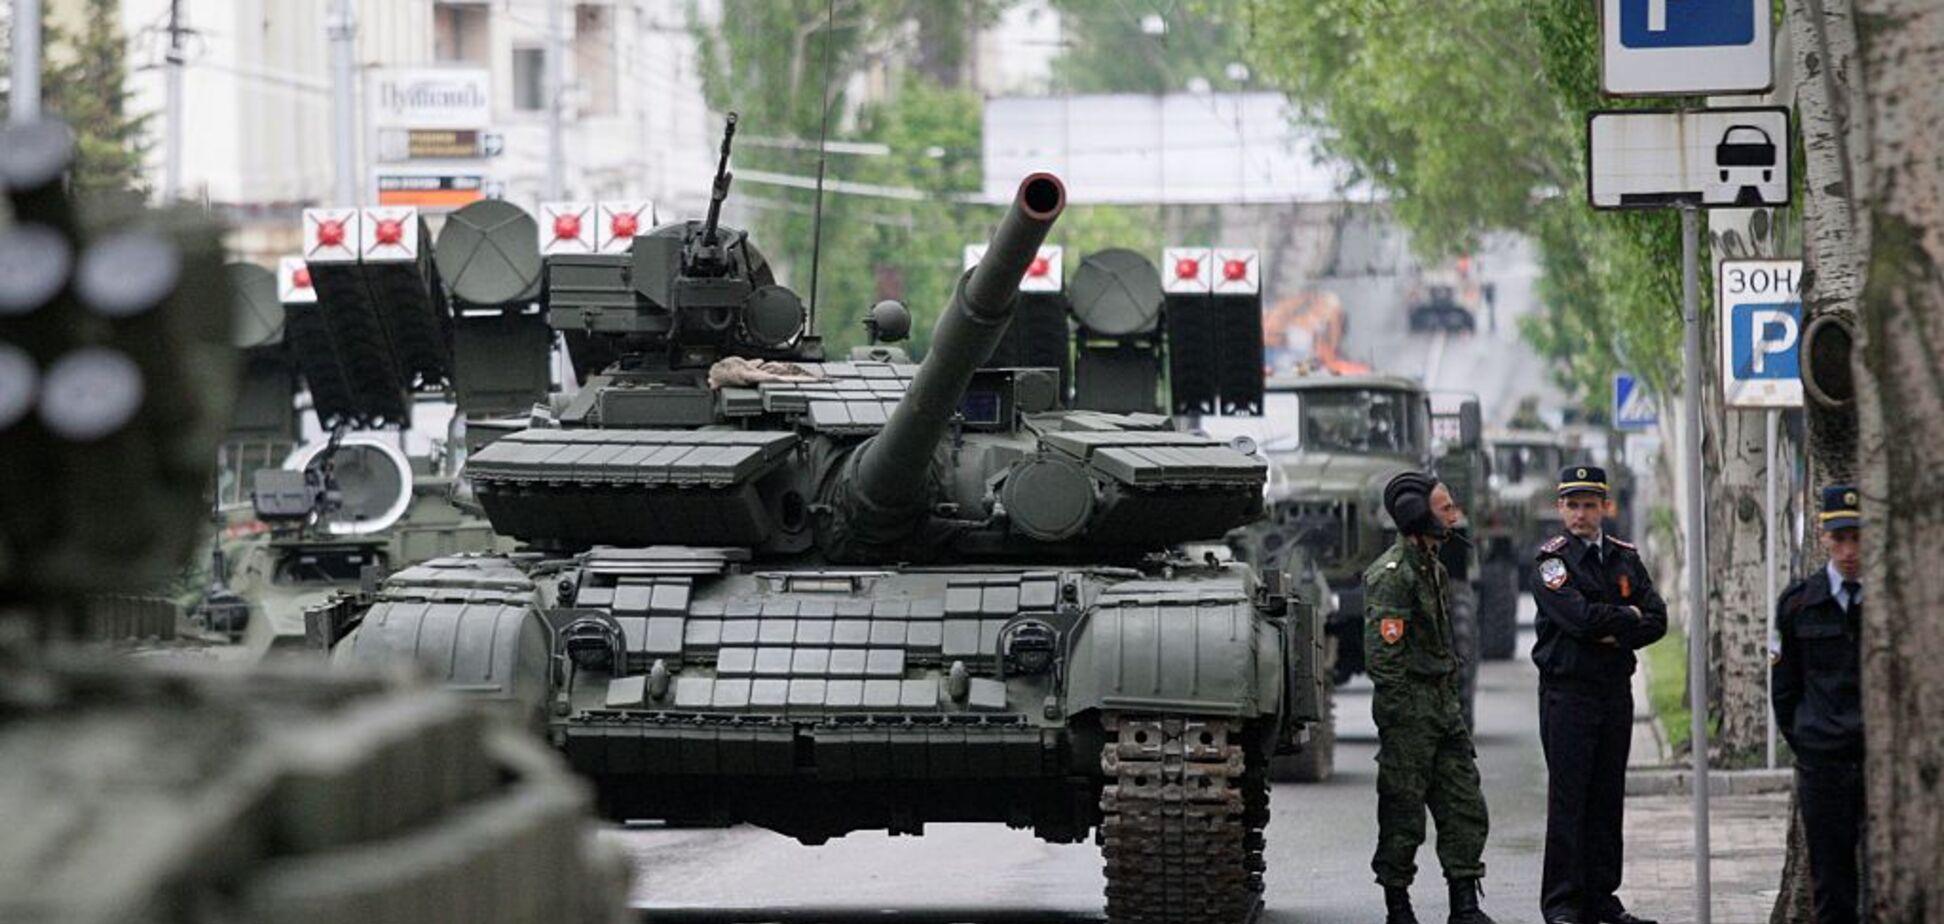 Тимчасова адміністрація та роззброєння: заступник міністра пояснив, як РФ піде з Донбасу